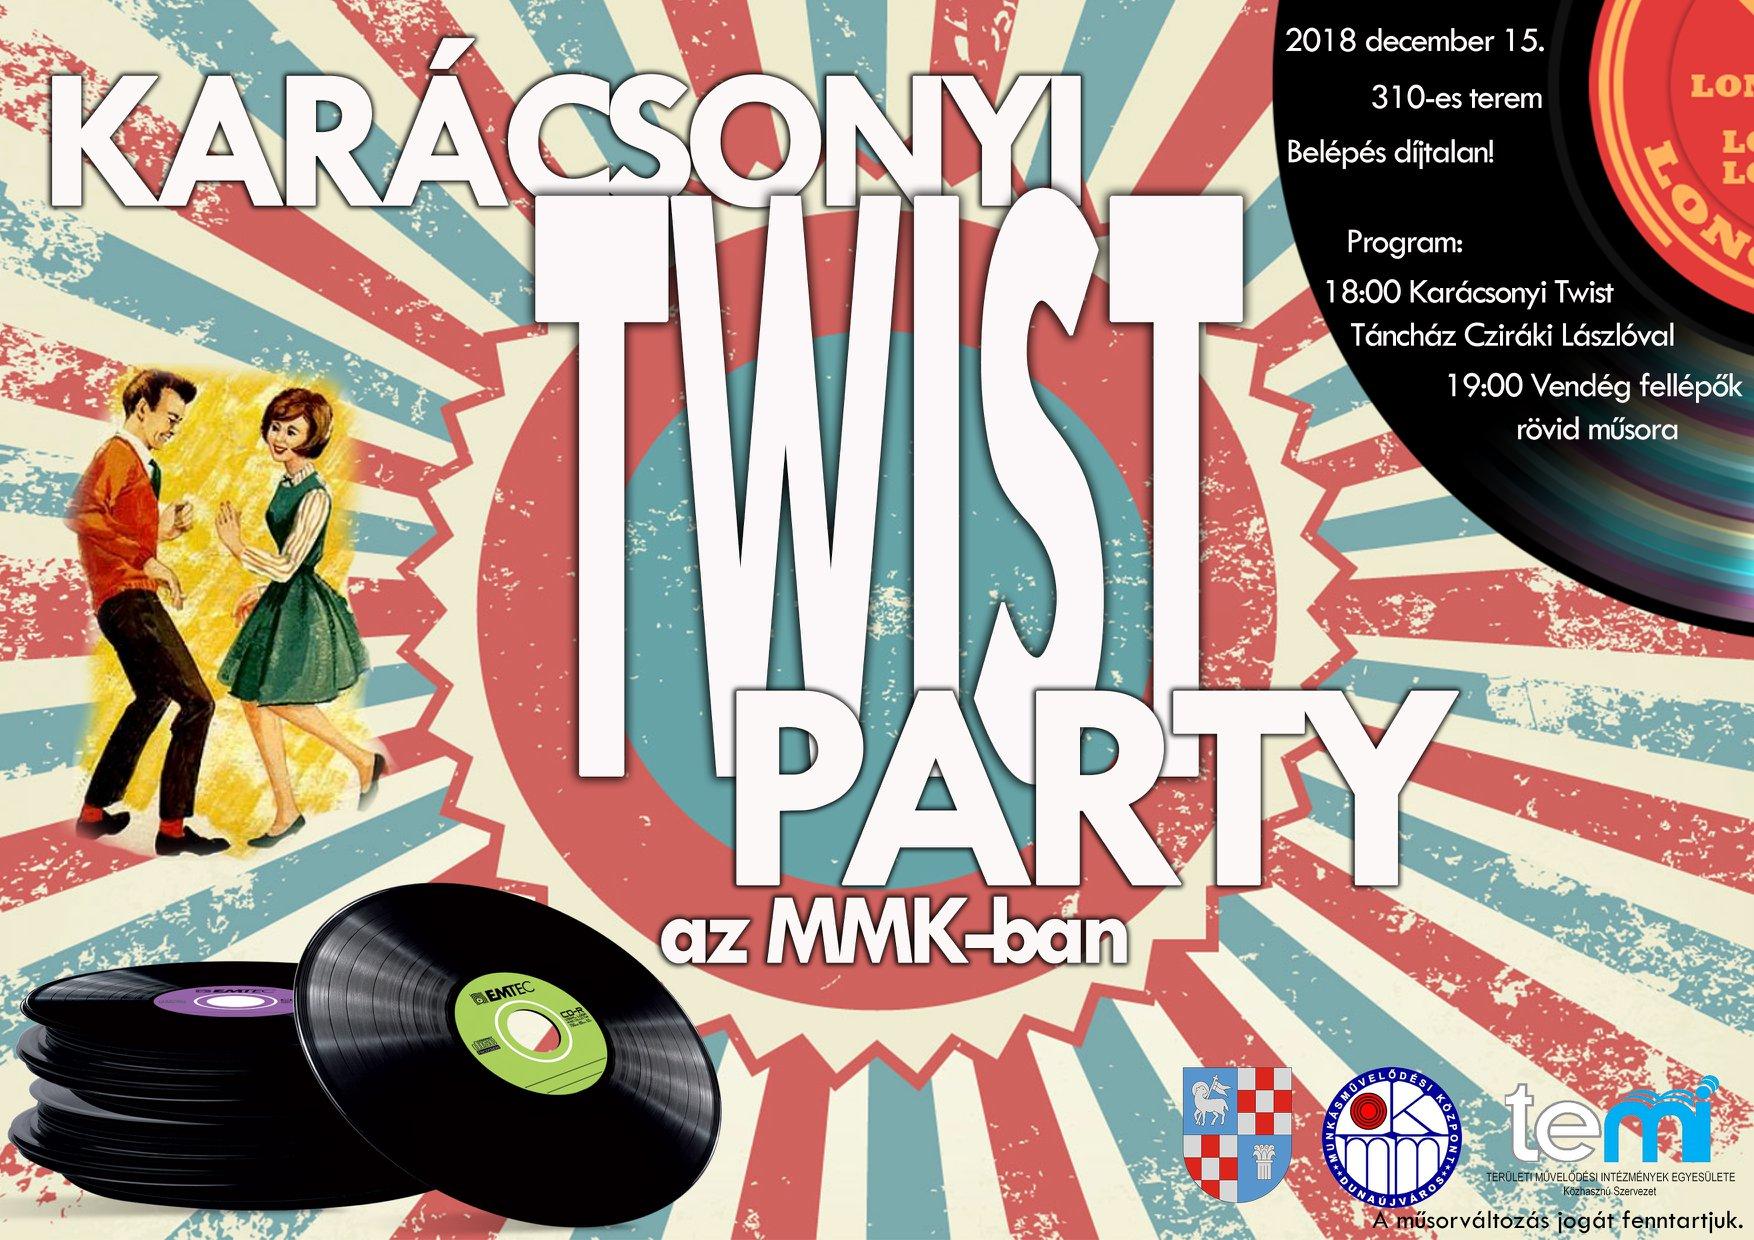 Karácsonyi Twist Party az MMK-ban